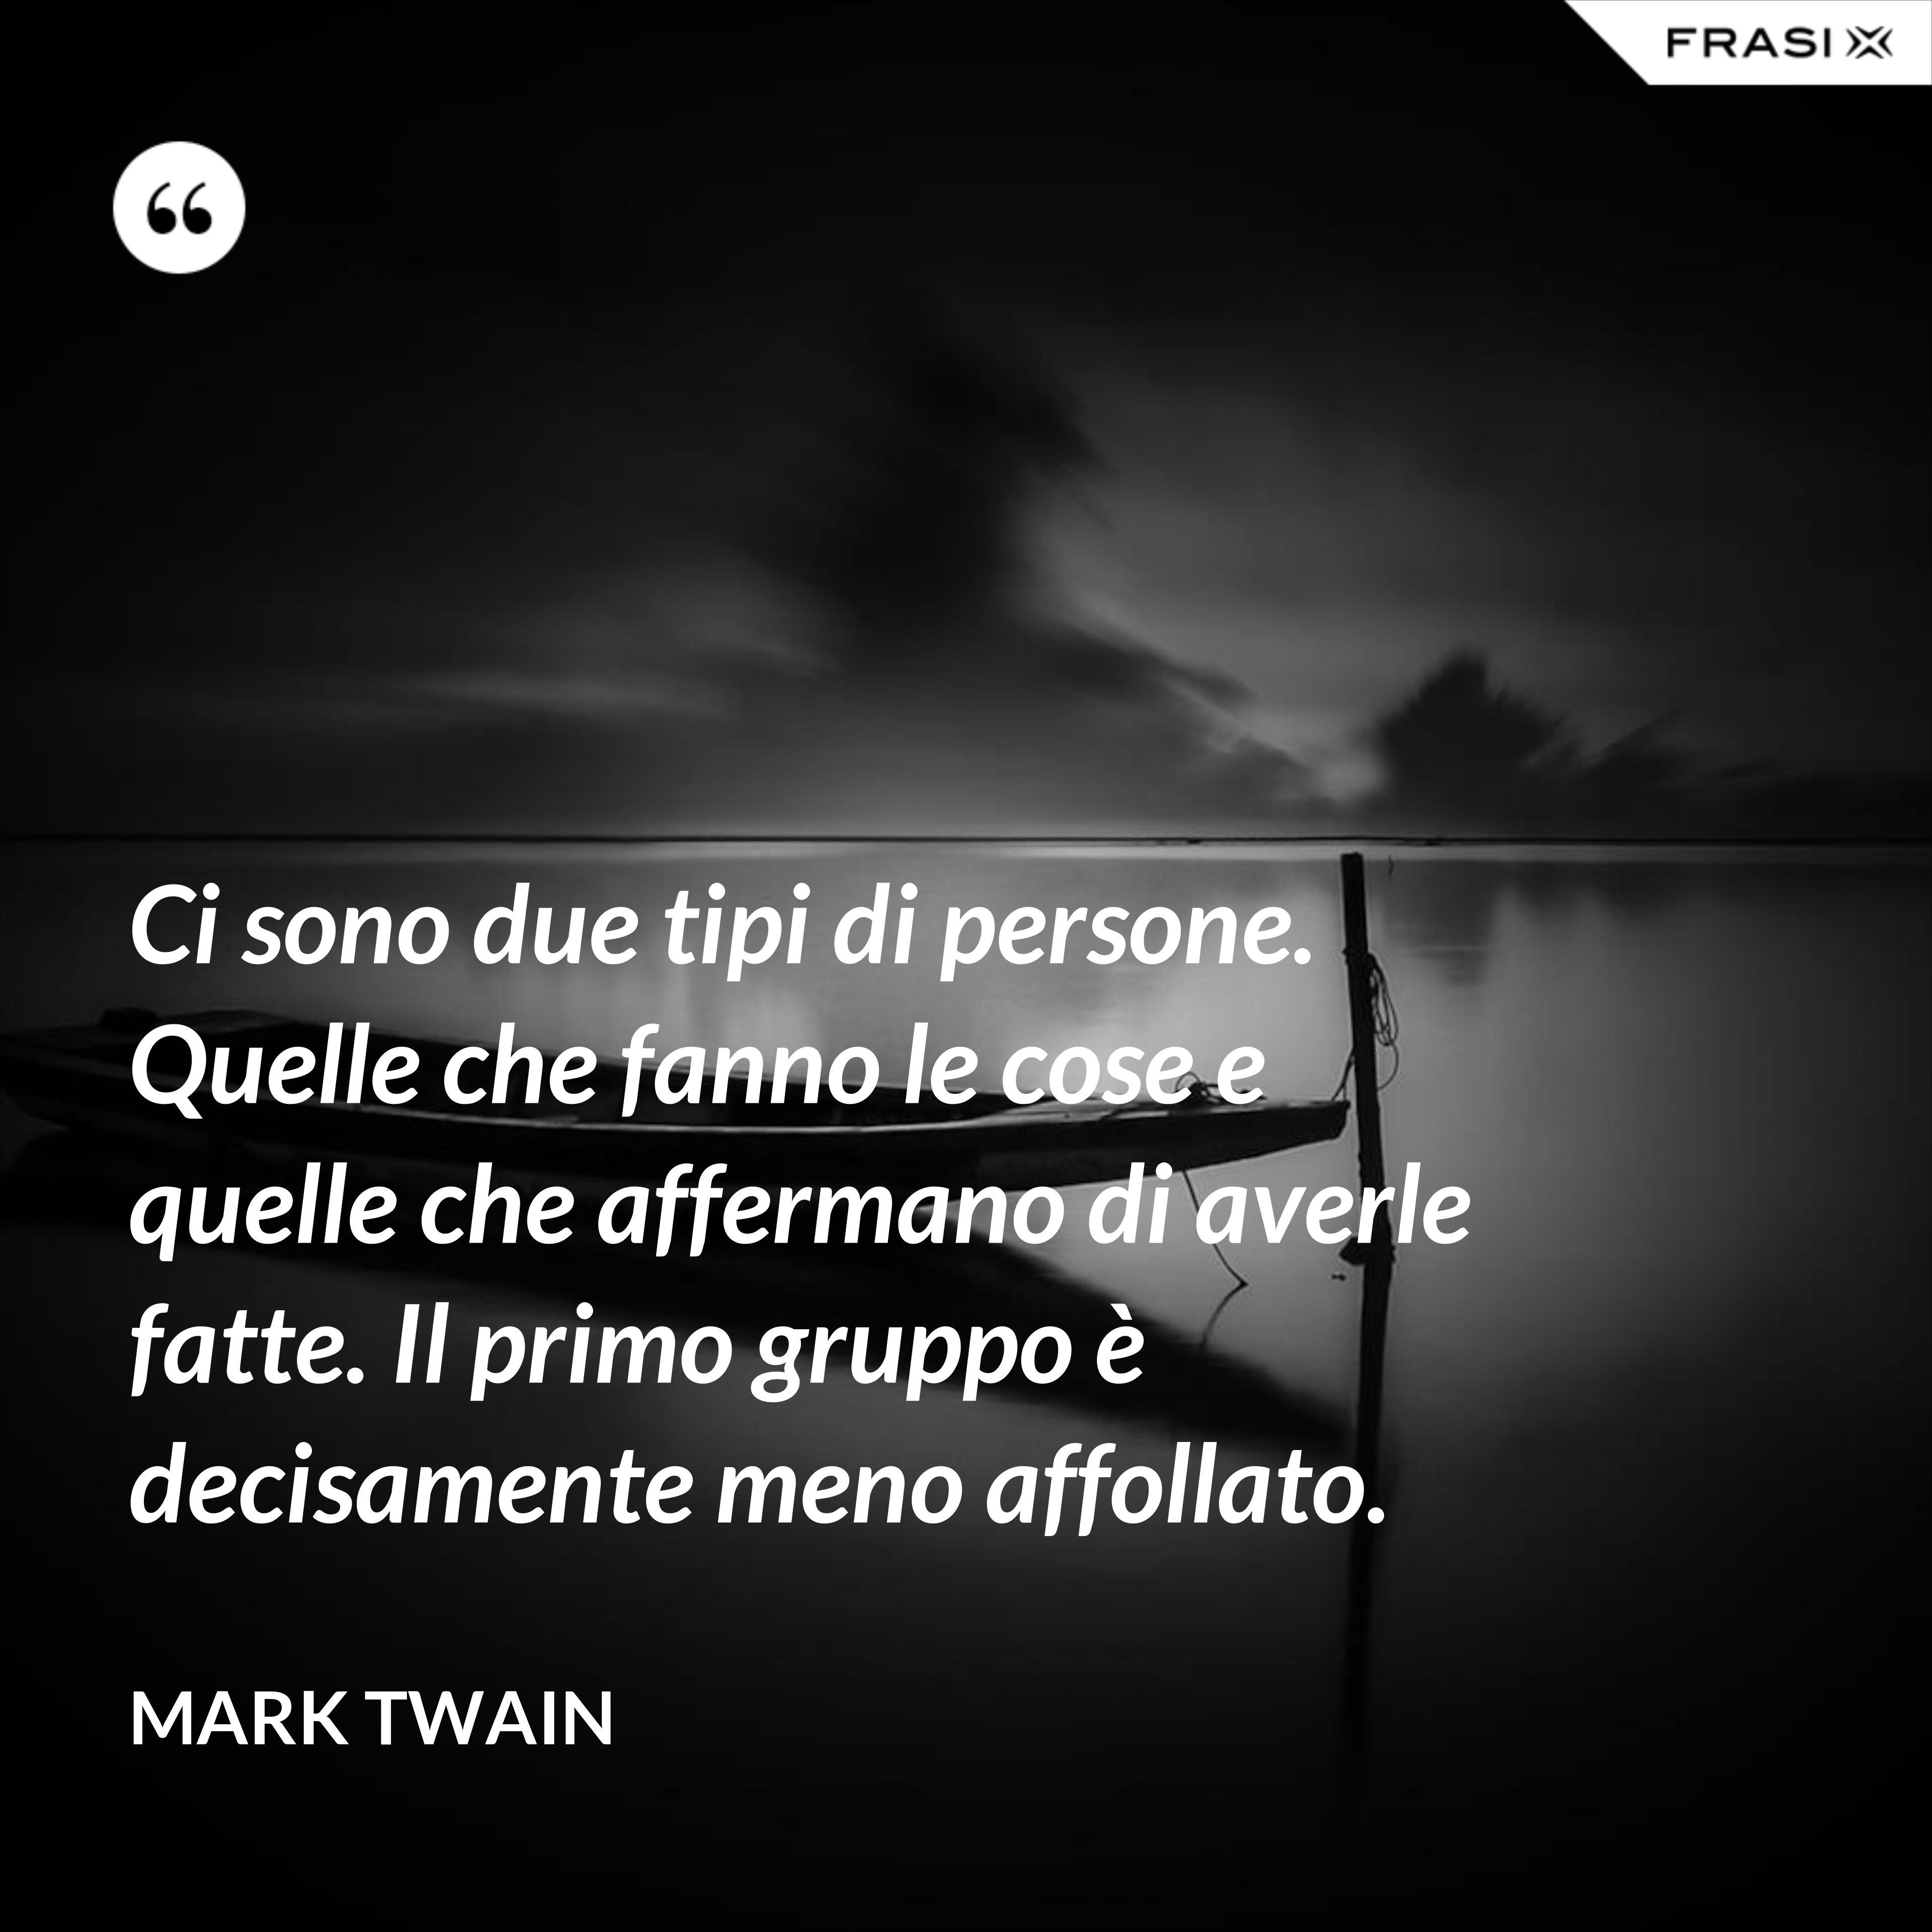 Ci sono due tipi di persone. Quelle che fanno le cose e quelle che affermano di averle fatte. Il primo gruppo è decisamente meno affollato. - Mark Twain